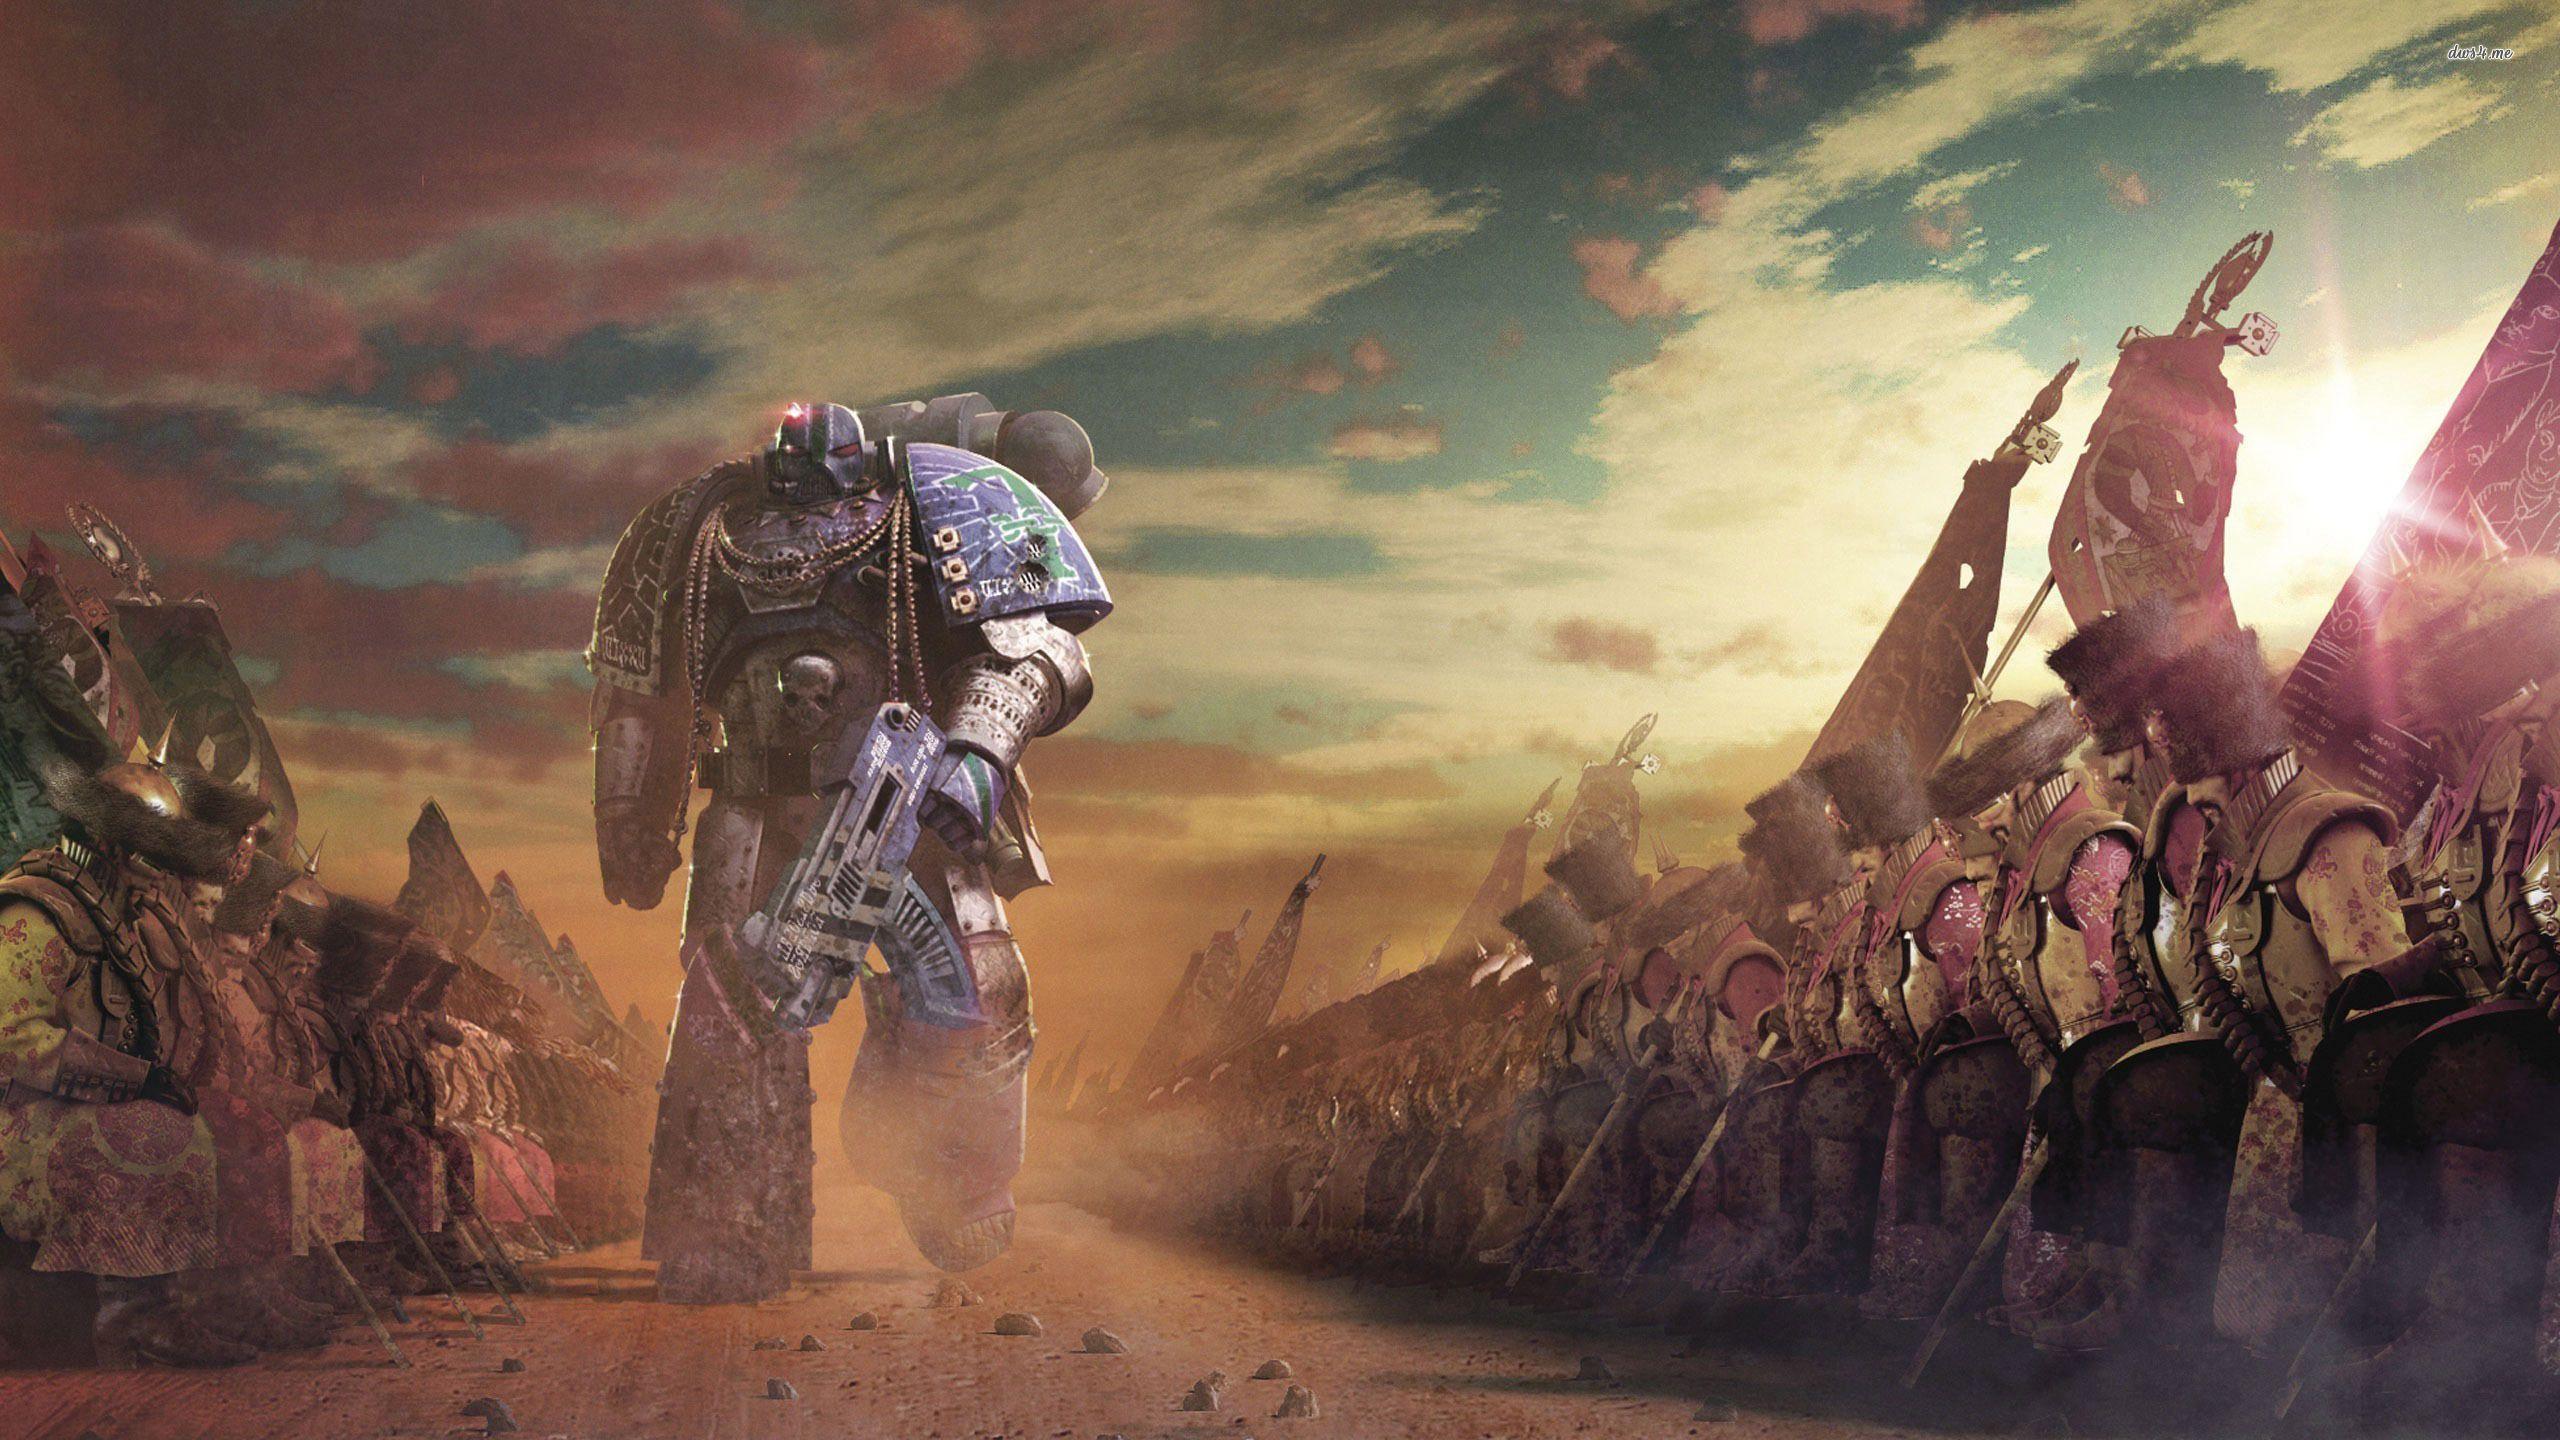 Warhammer 40k Google Search Warhammer Warhammer Art Warhammer 40000